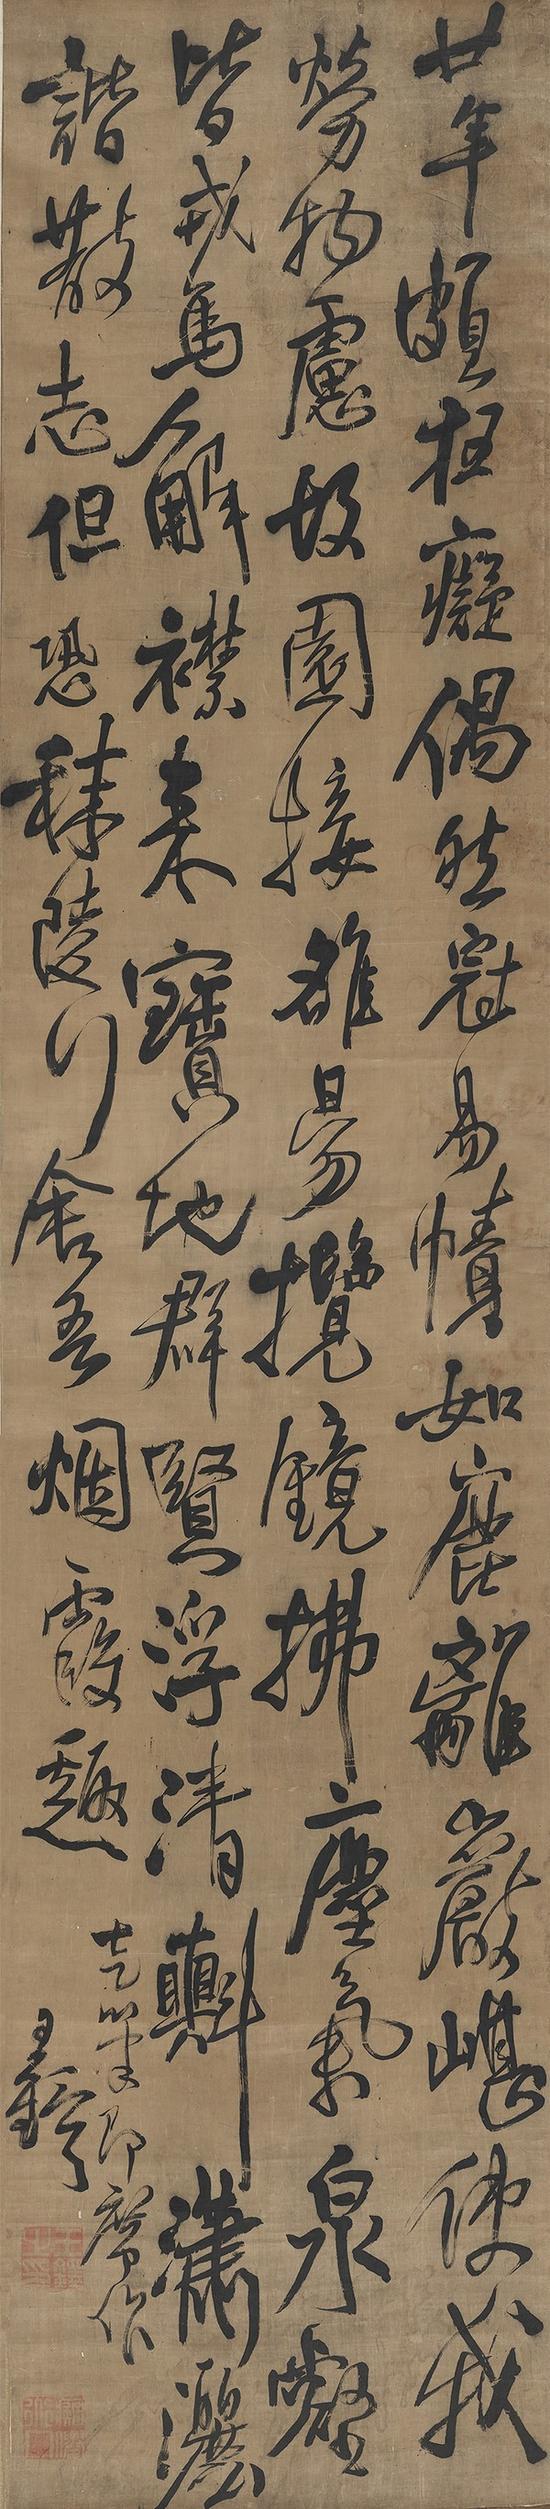 2016西泠春拍 王鐸(1592~1652) 行書 五言詩